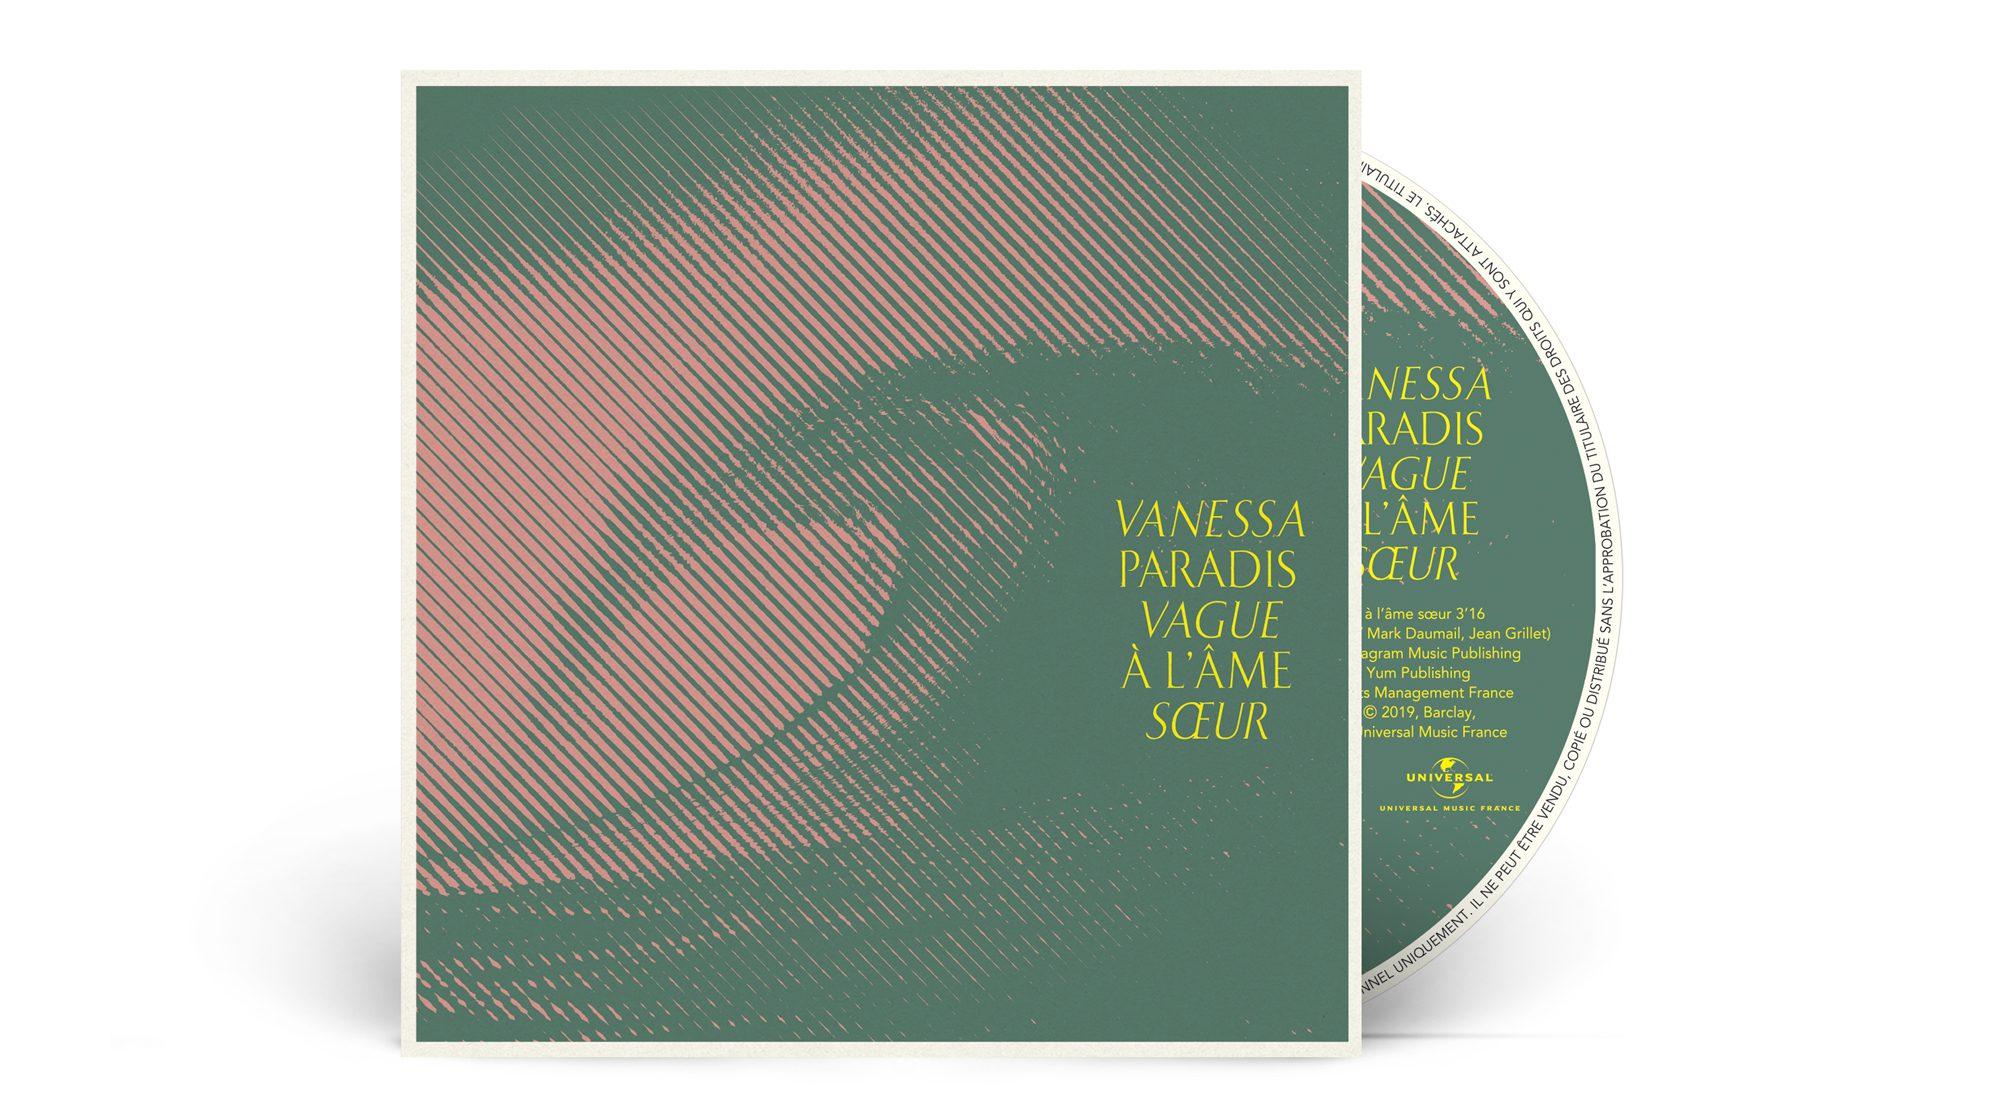 artwork du nouveau single vague à l'âme soeur de Vanessa Paradis 2019 par le studio de graphisme ichetkar